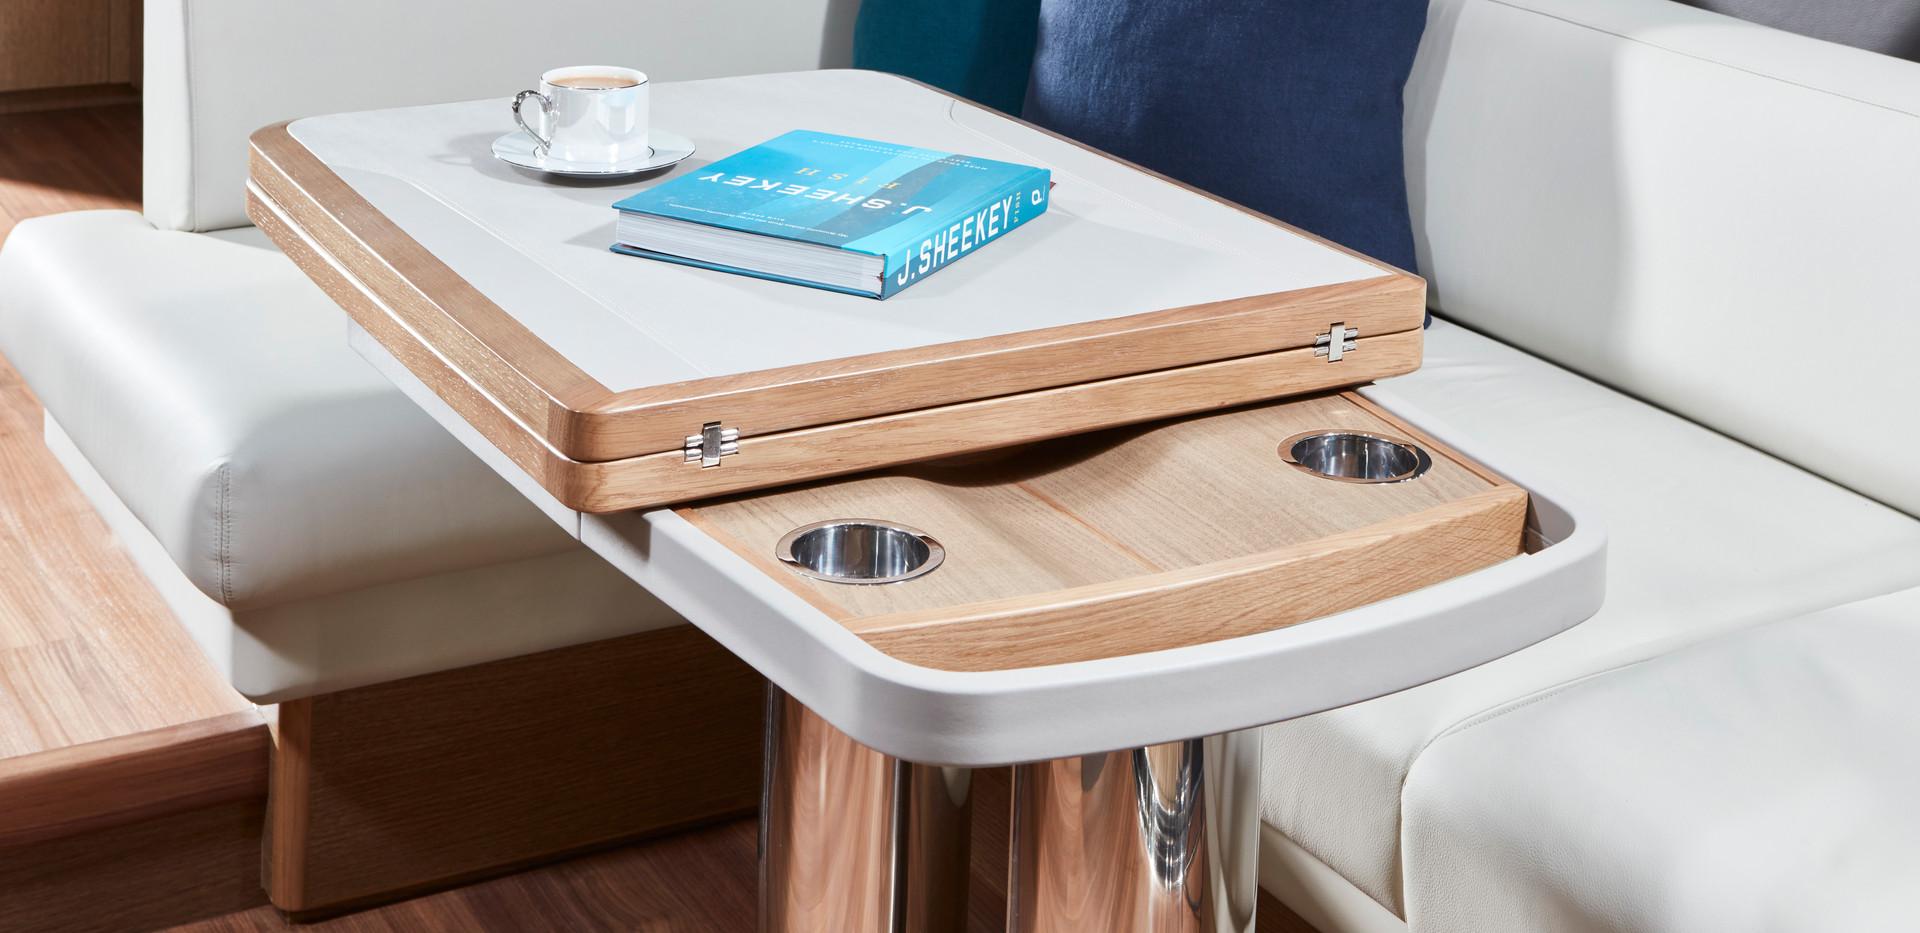 v65-interior-dining-table-detail.jpg